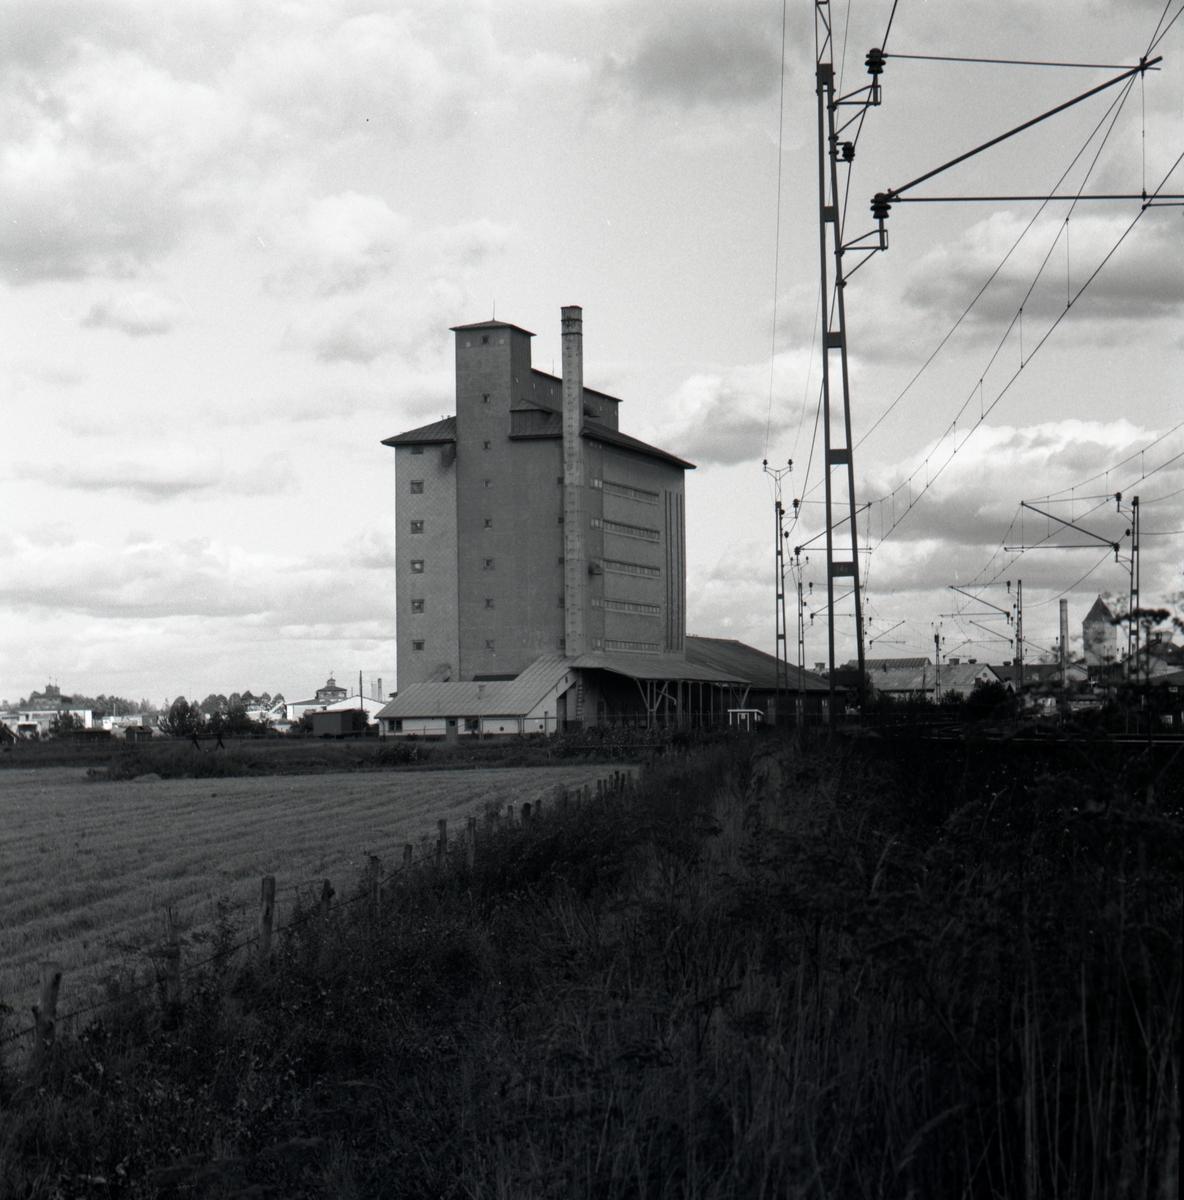 Orig. text: Svenska spannmåls A-B Lagerhuset.Byggnaden som uppfördes för spannmål under första världskriget stod klar 1918. Arkitekt Gunnar Asplund. Den sex våningar höga byggnaden brann ner troligen i början av 1990-talet.